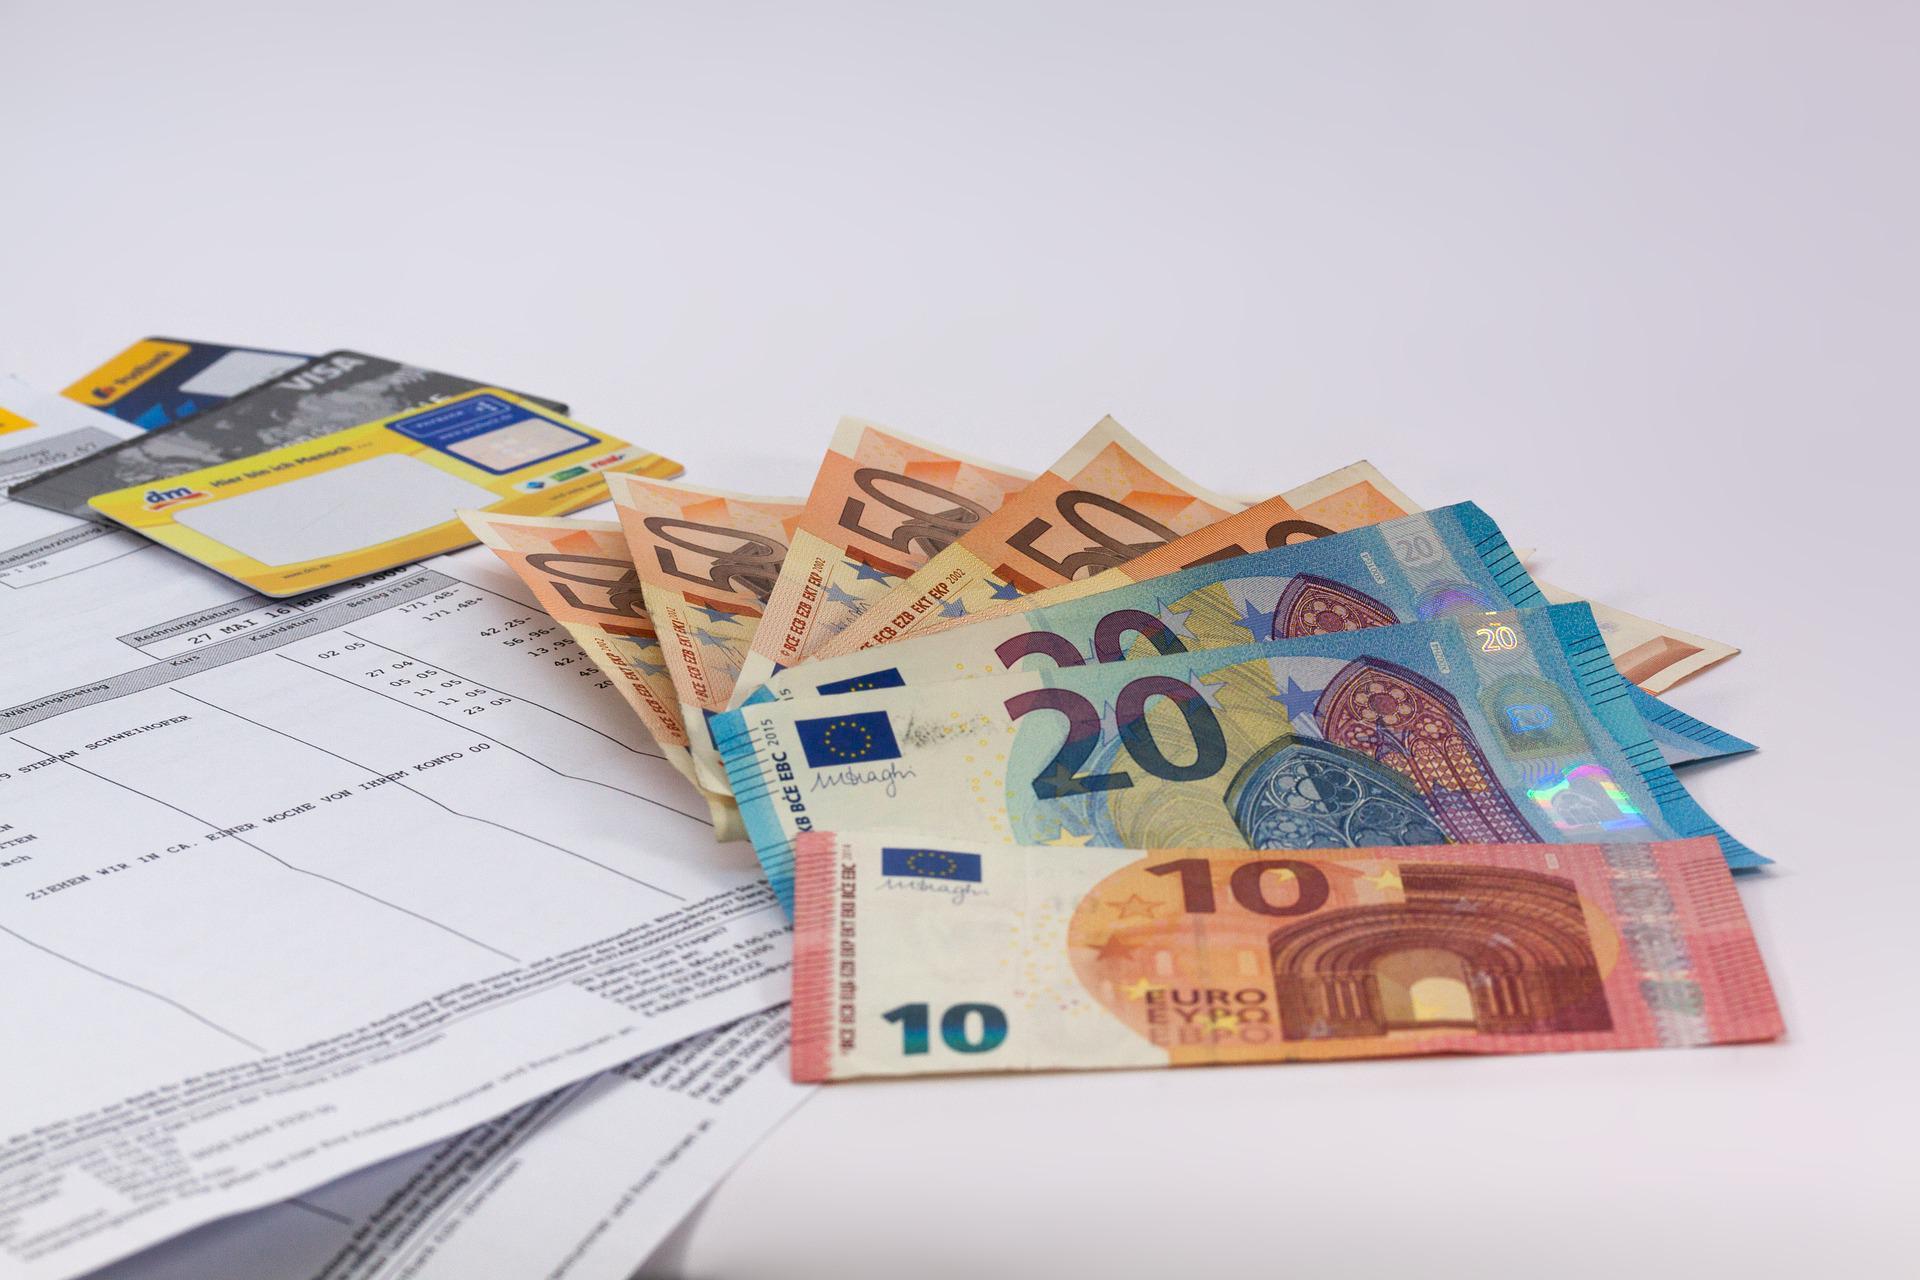 С сегодняшнего дня в России упрощаются процедуры валютного контроля